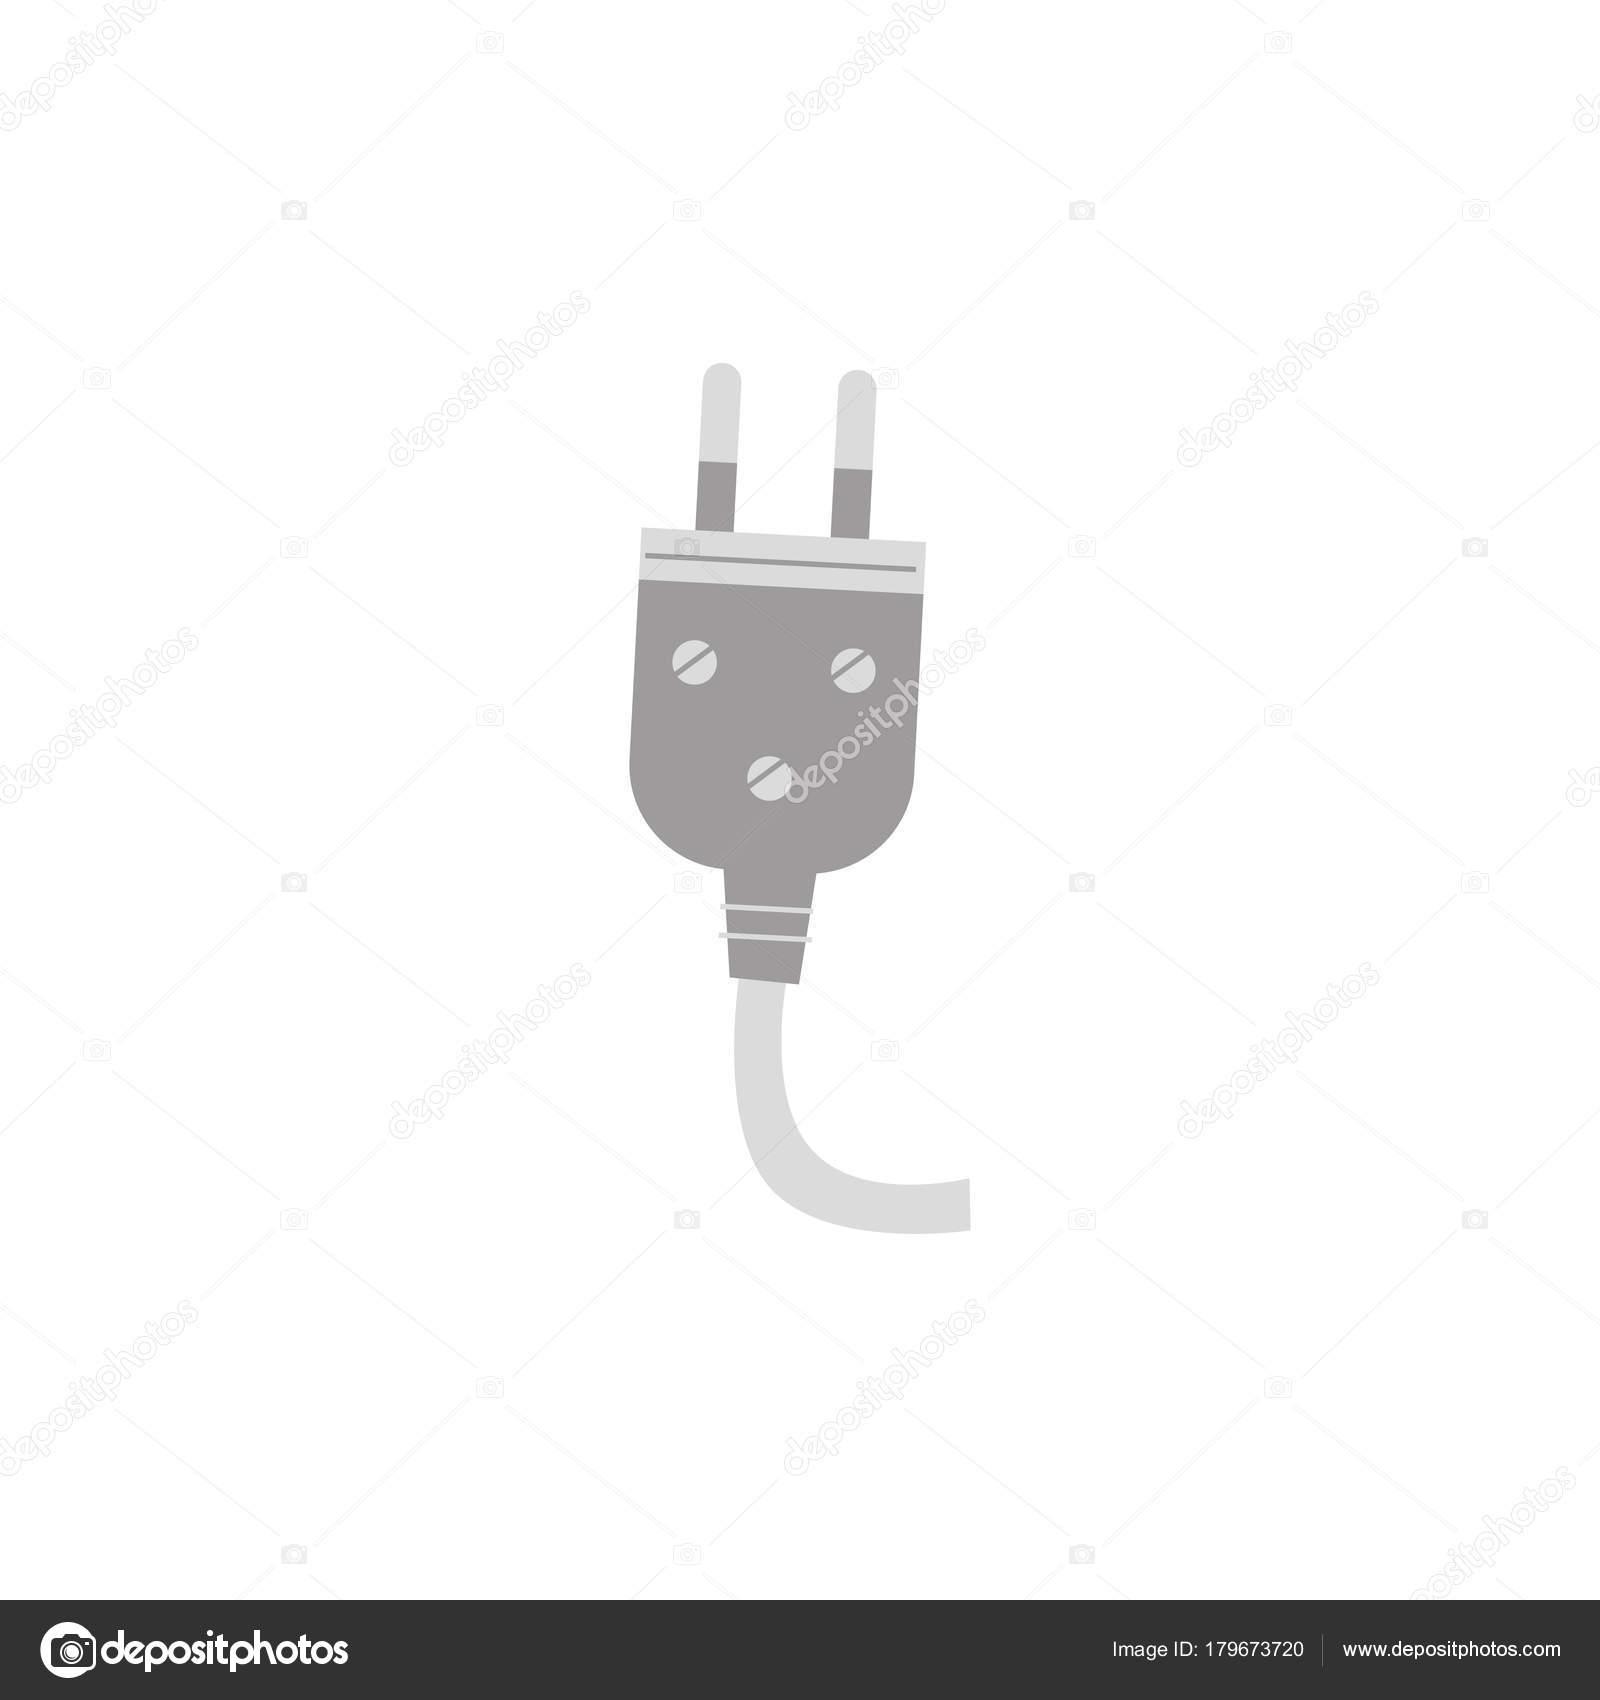 Vektor flach elektrischen Draht, Kabel mit Stecker Symbol ...